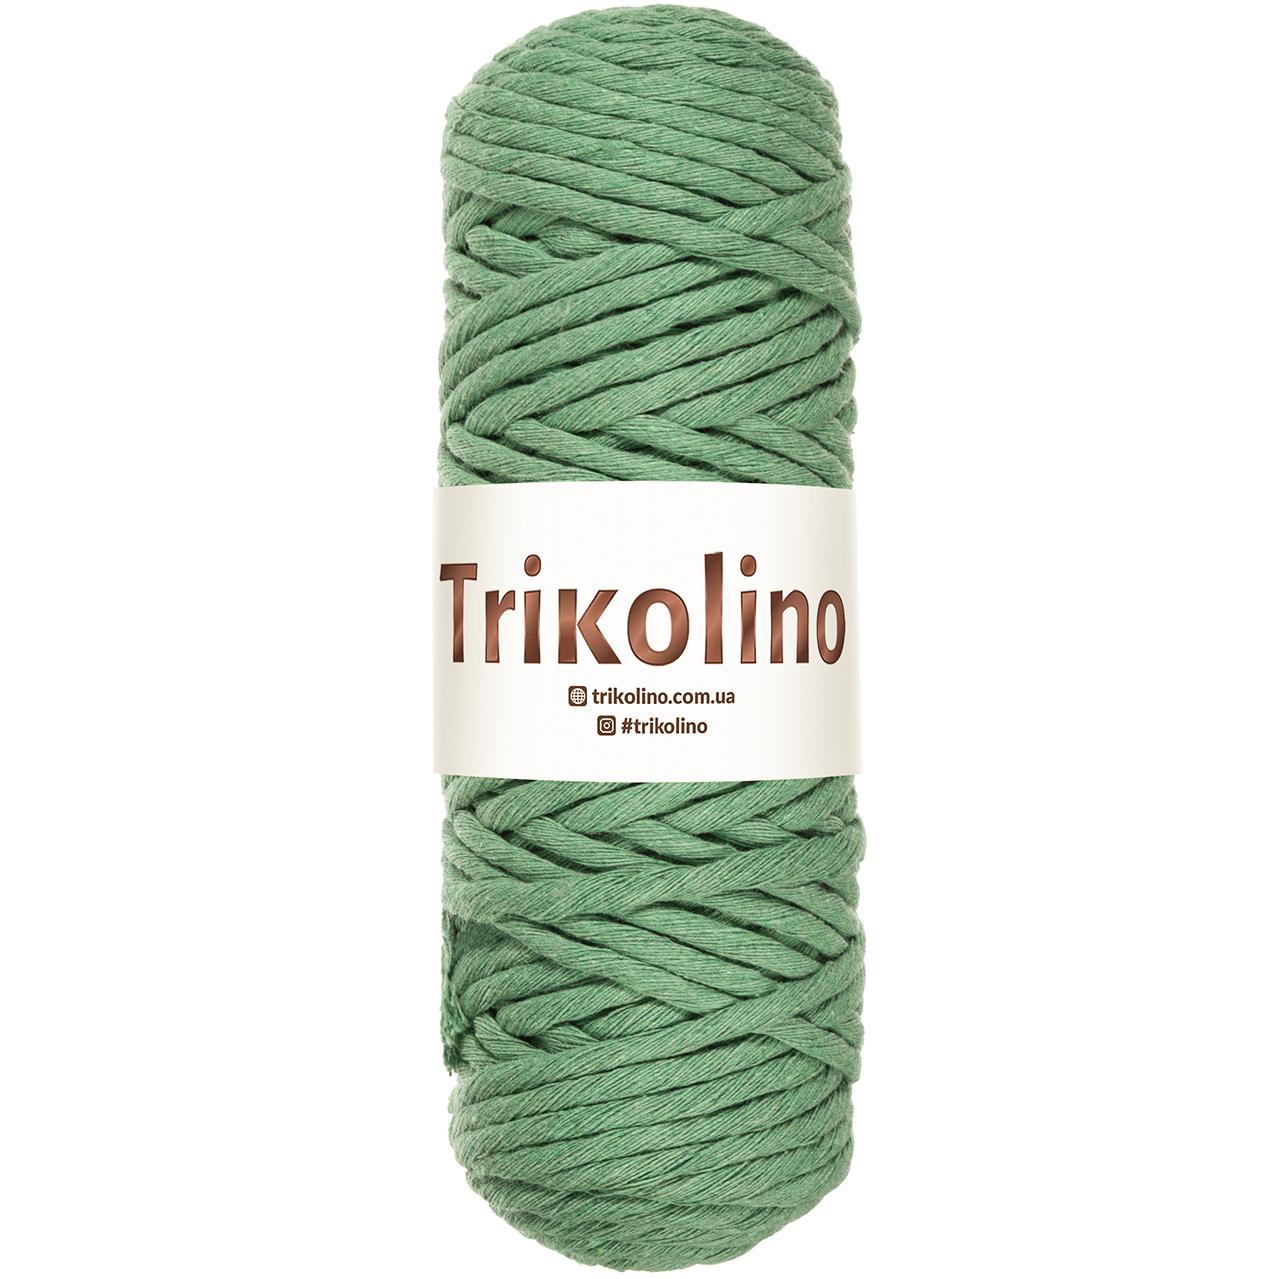 Шнур для макраме Trikolino Зеленый 4-6мм